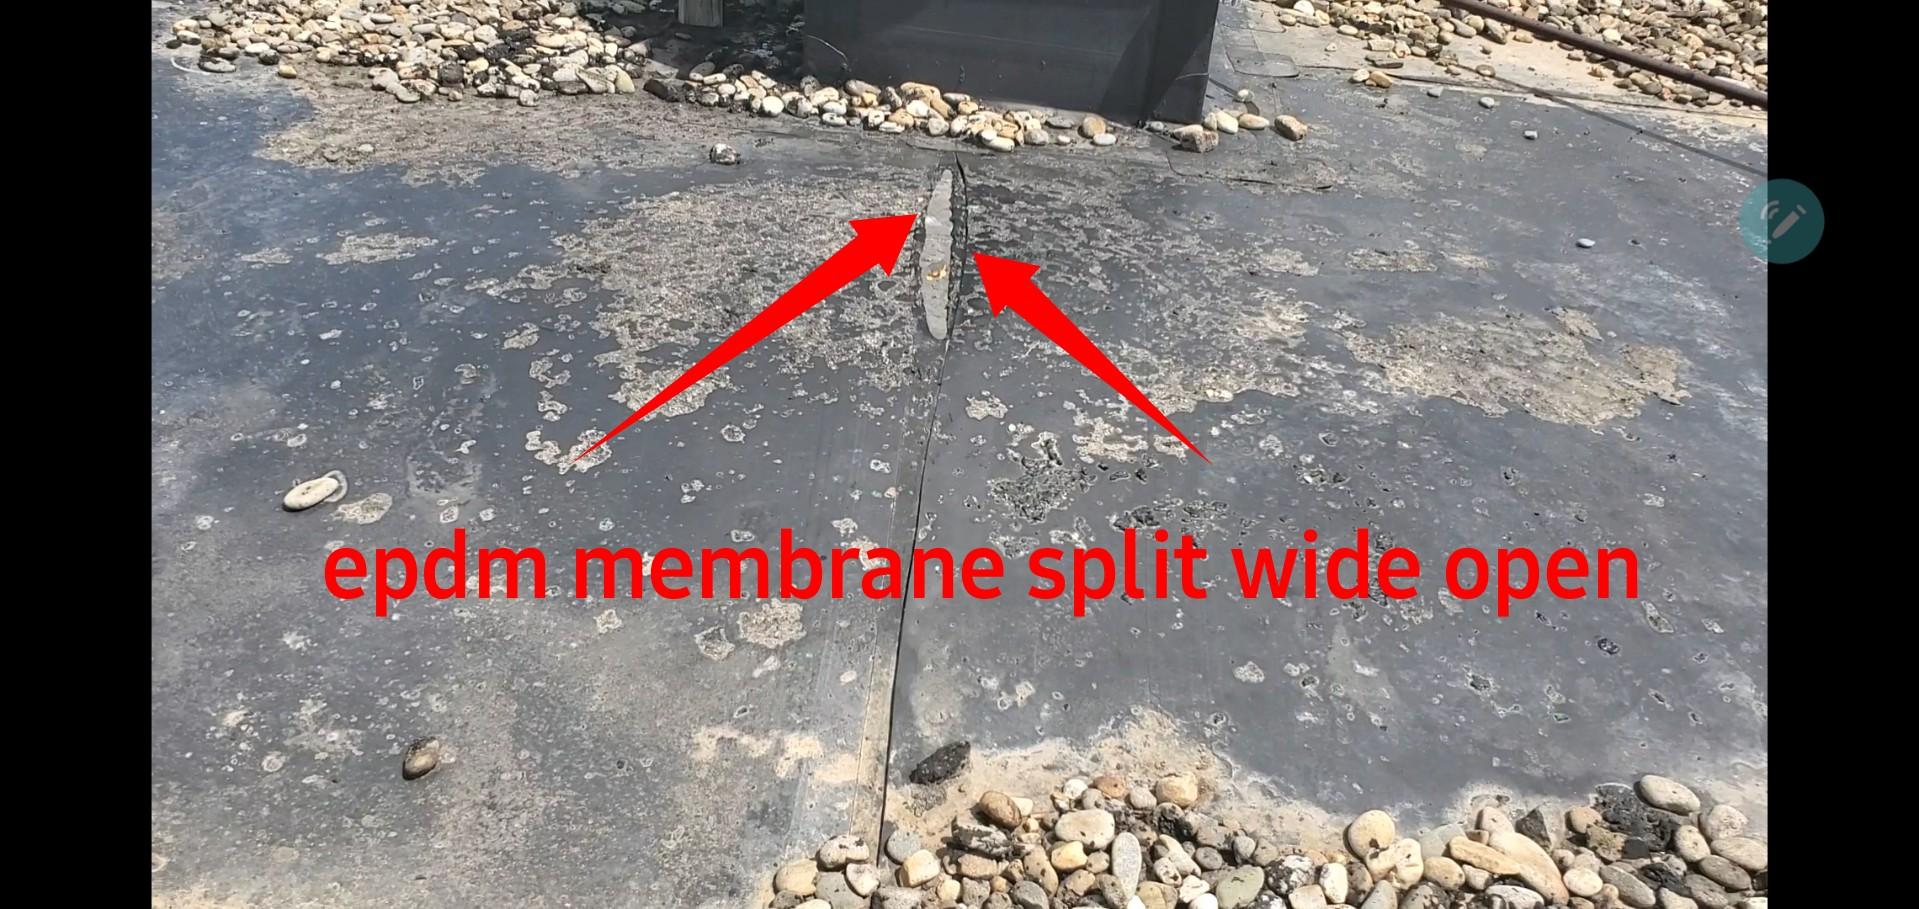 Split wide open